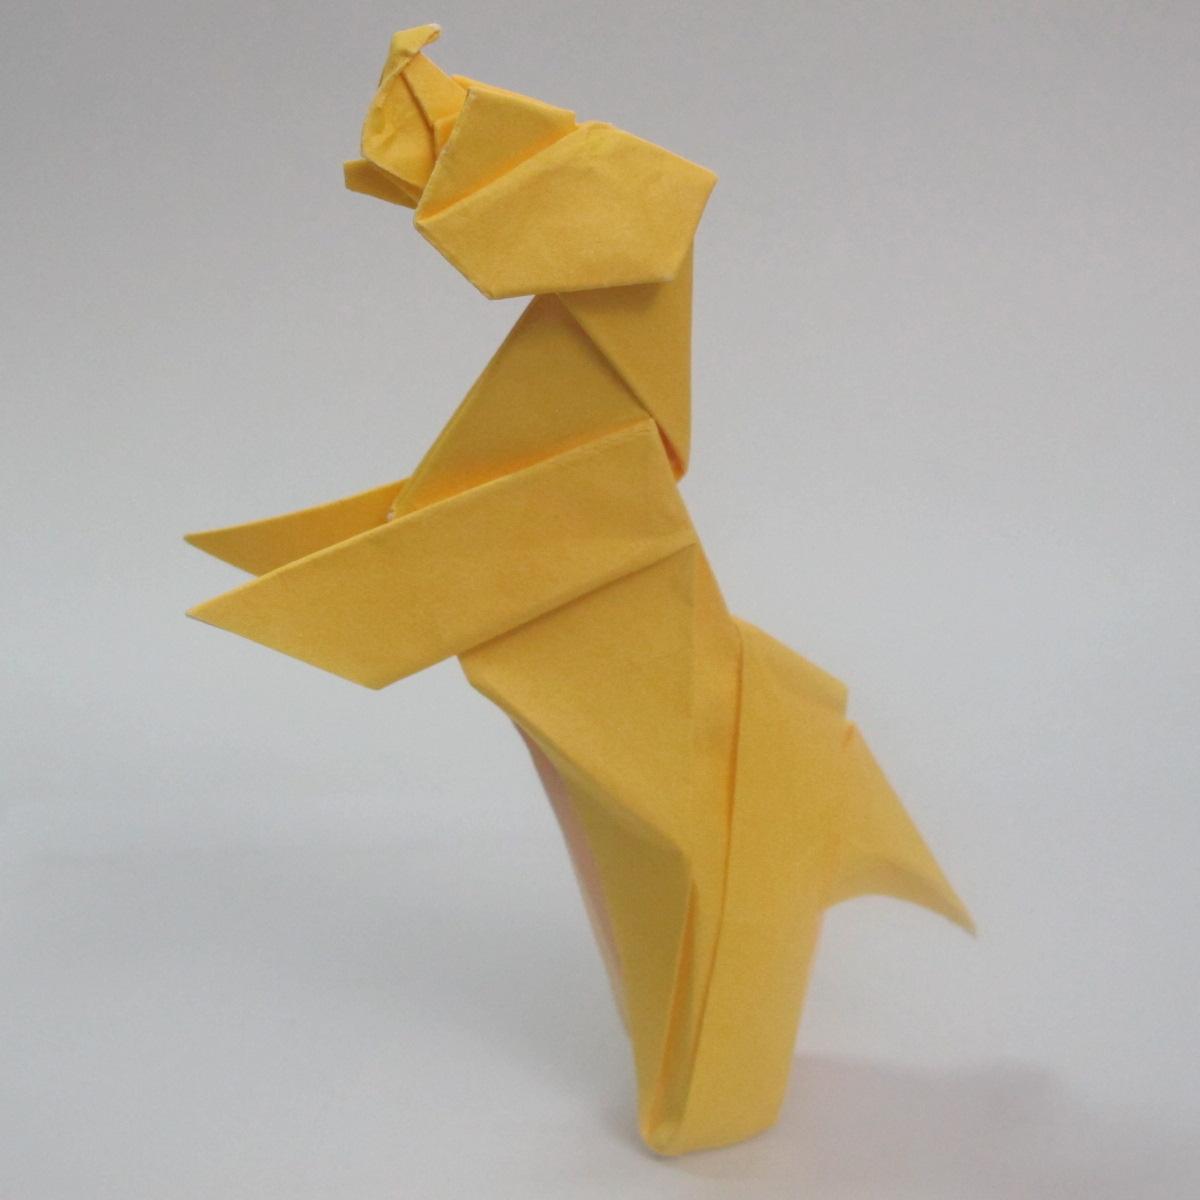 สอนวิธีพับกระดาษเป็นรูปลูกสุนัขยืนสองขา แบบของพอล ฟราสโก้ (Down Boy Dog Origami) 115